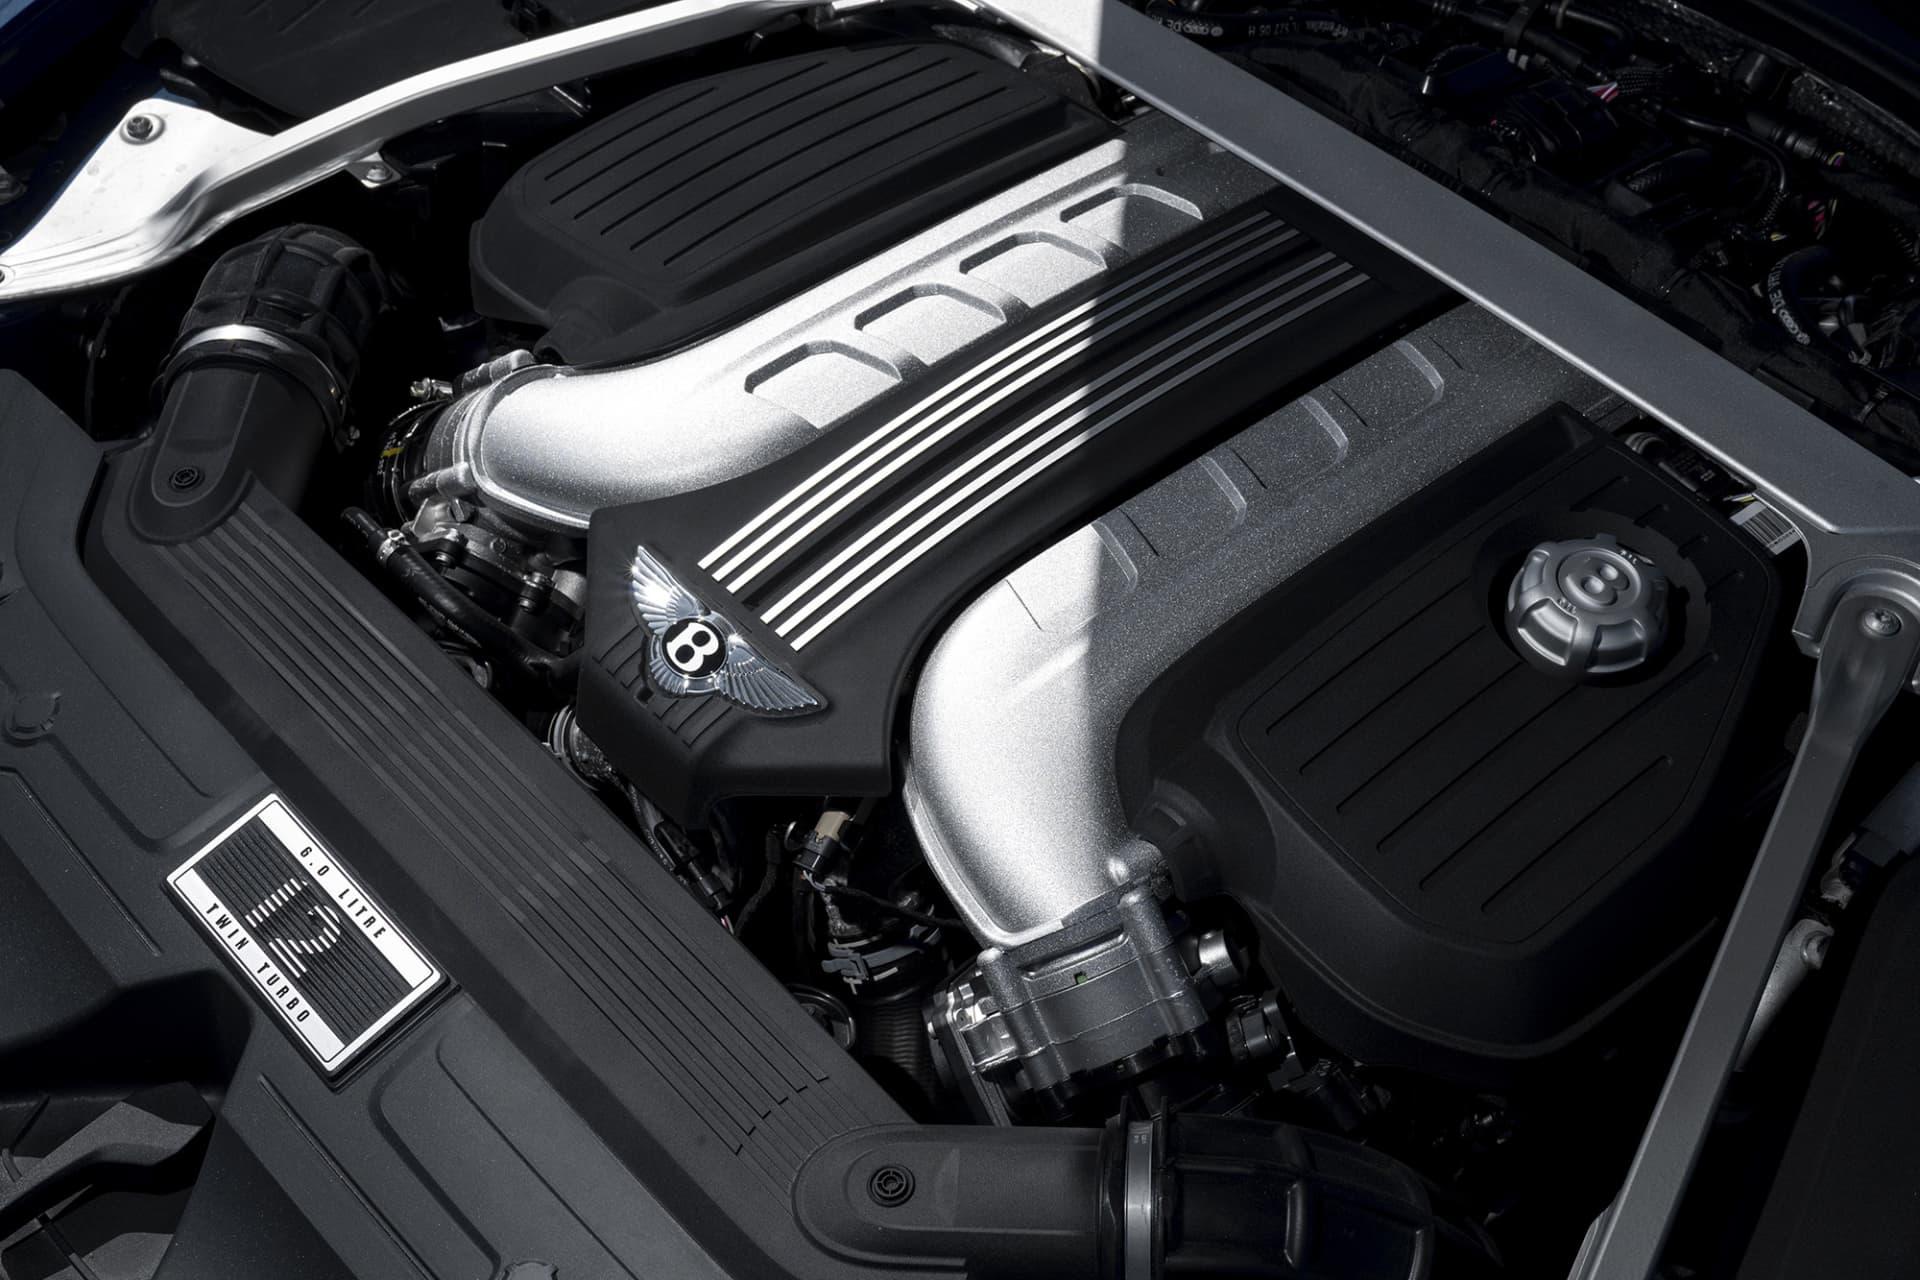 W12 på 6 liter och 626 hästkrafter innebär mycket muskler när det behövs. Det fina är dock att du glider fram som på moln och faktiskt relativt snålt när du inte trycker gasen i botten.